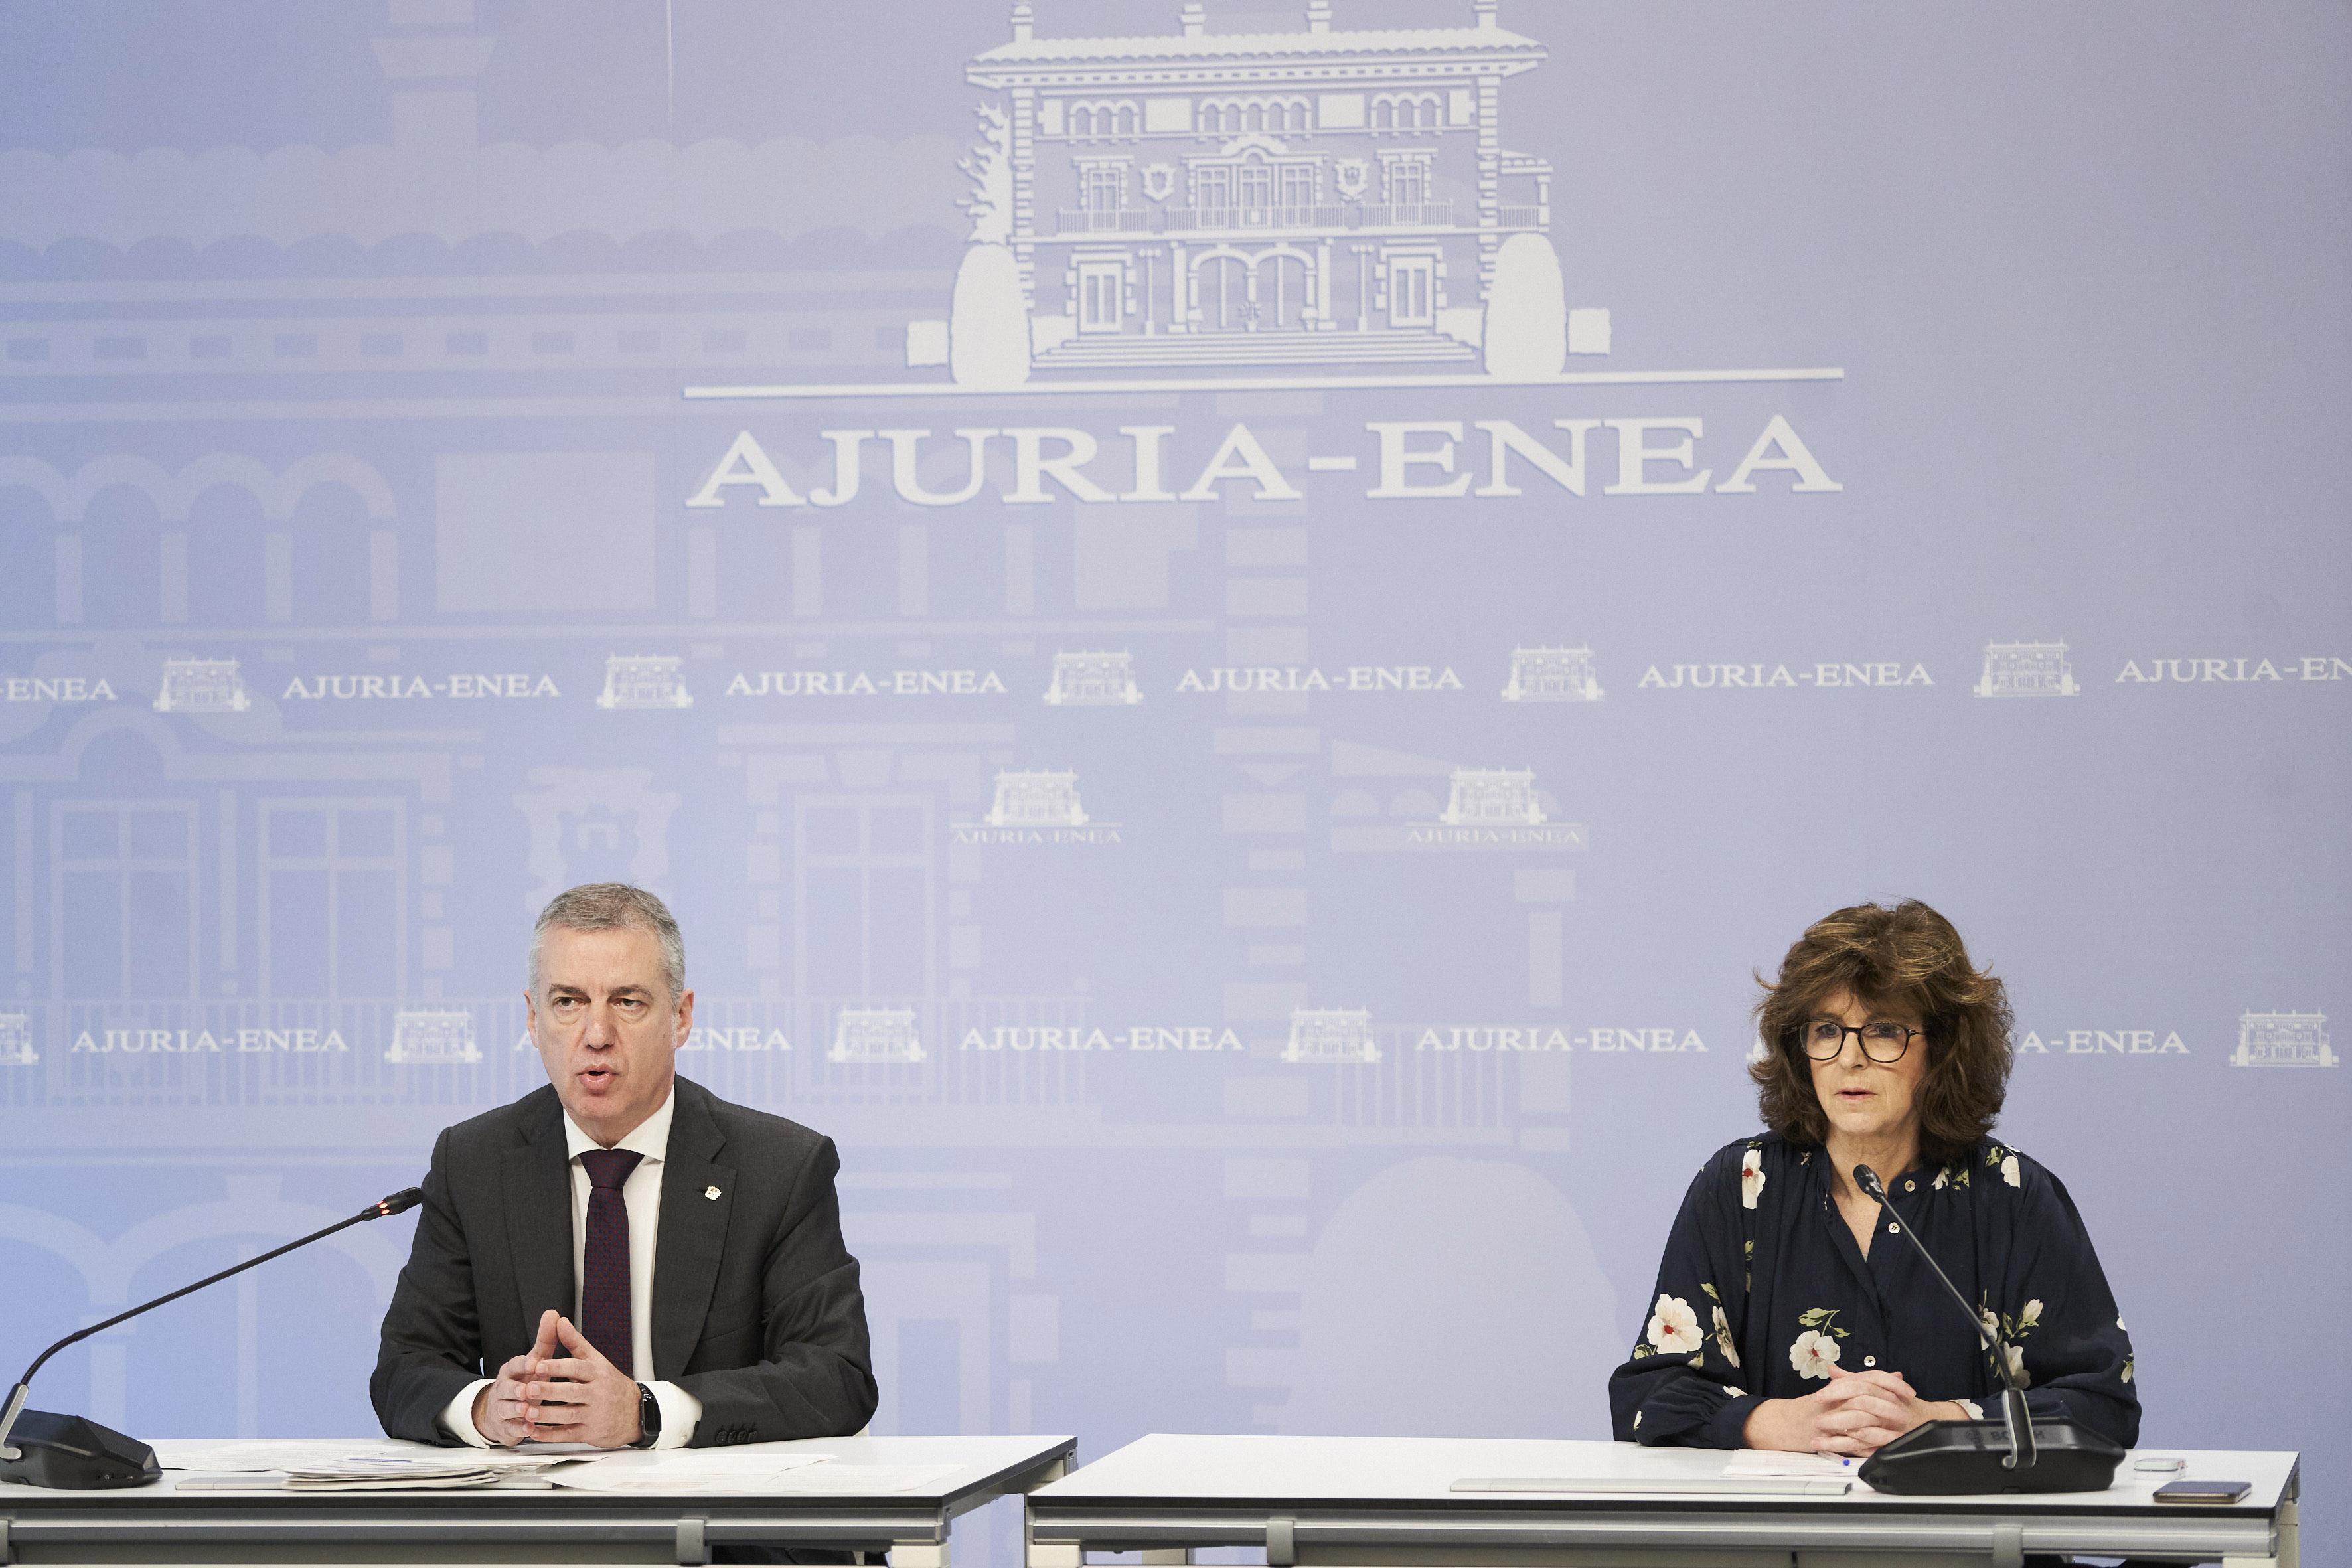 El Gobierno Vasco aprueba una primera batería de medidas que asciende a 841 millones de euros [55:28]